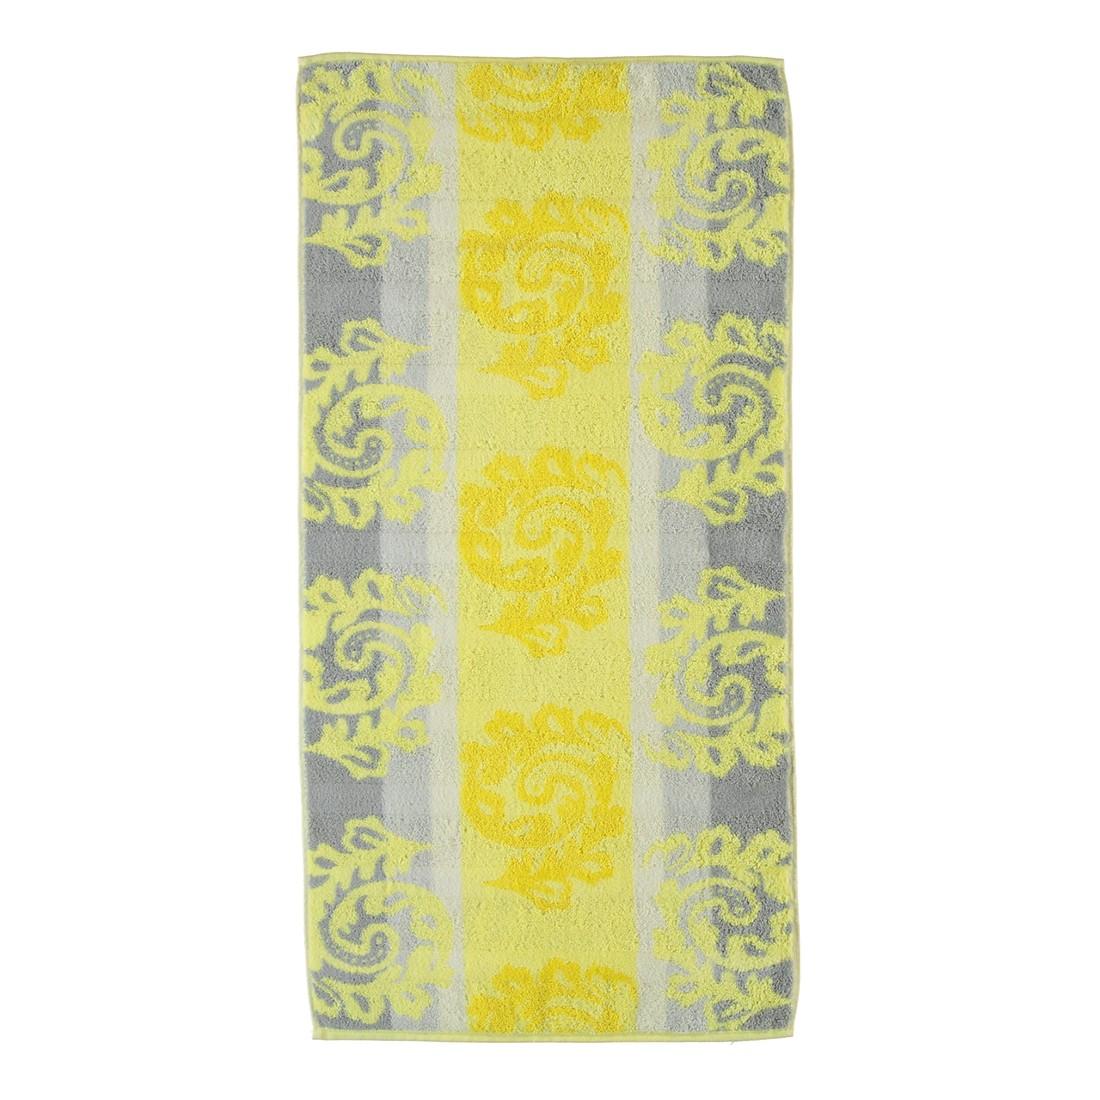 handt cher noblesse cashmere jacquard 1057 baumwolle gelb handtuch 50x100 cm caw online. Black Bedroom Furniture Sets. Home Design Ideas